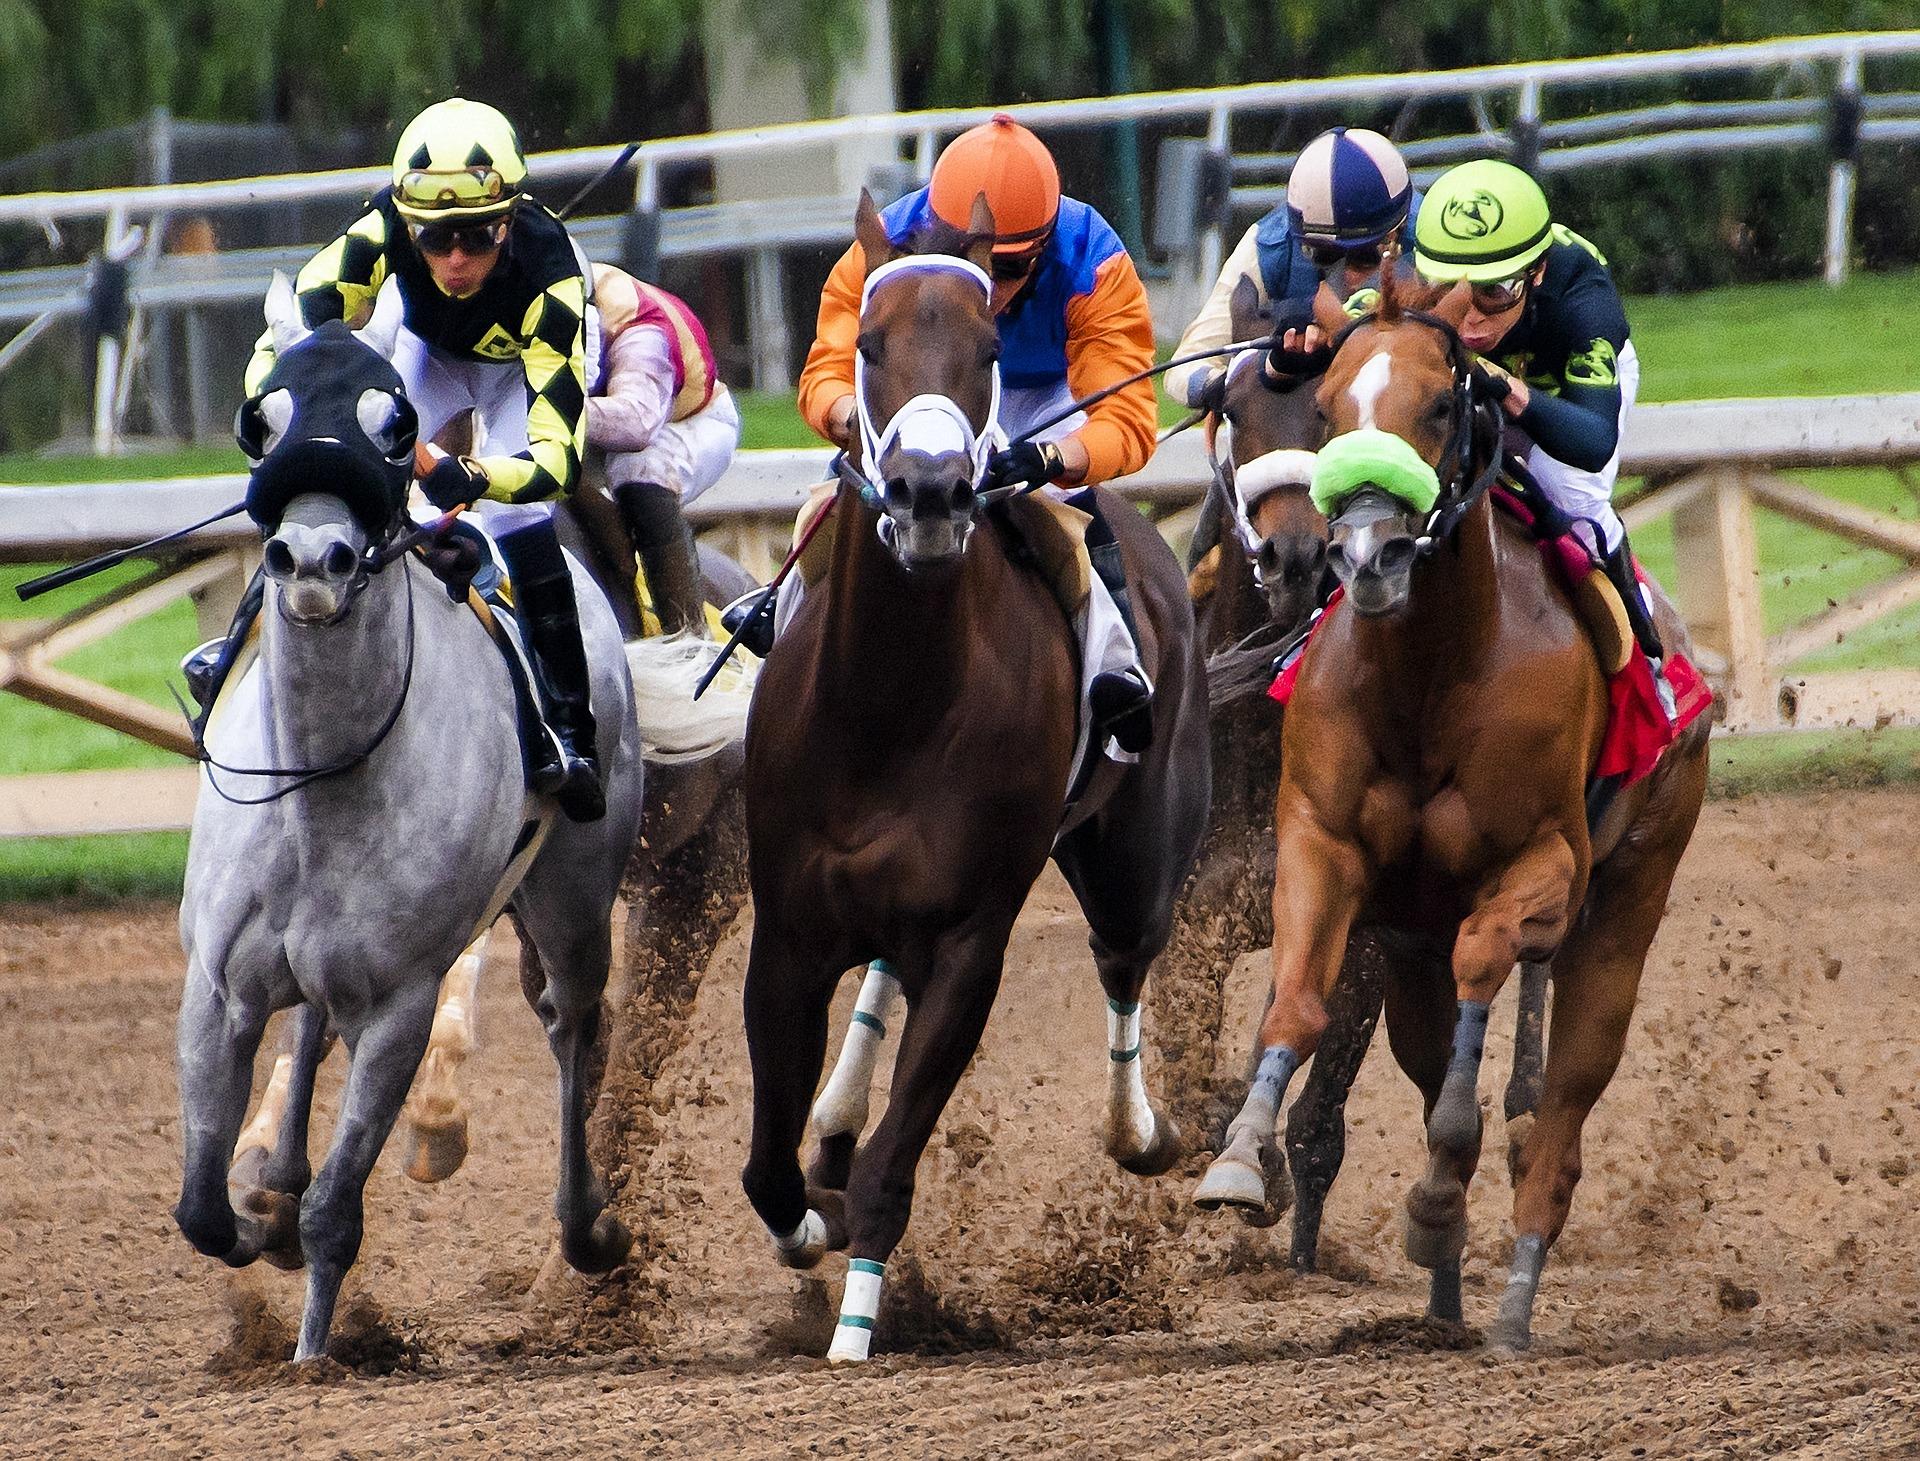 galoppverseny_horses-3811270_1920.jpg